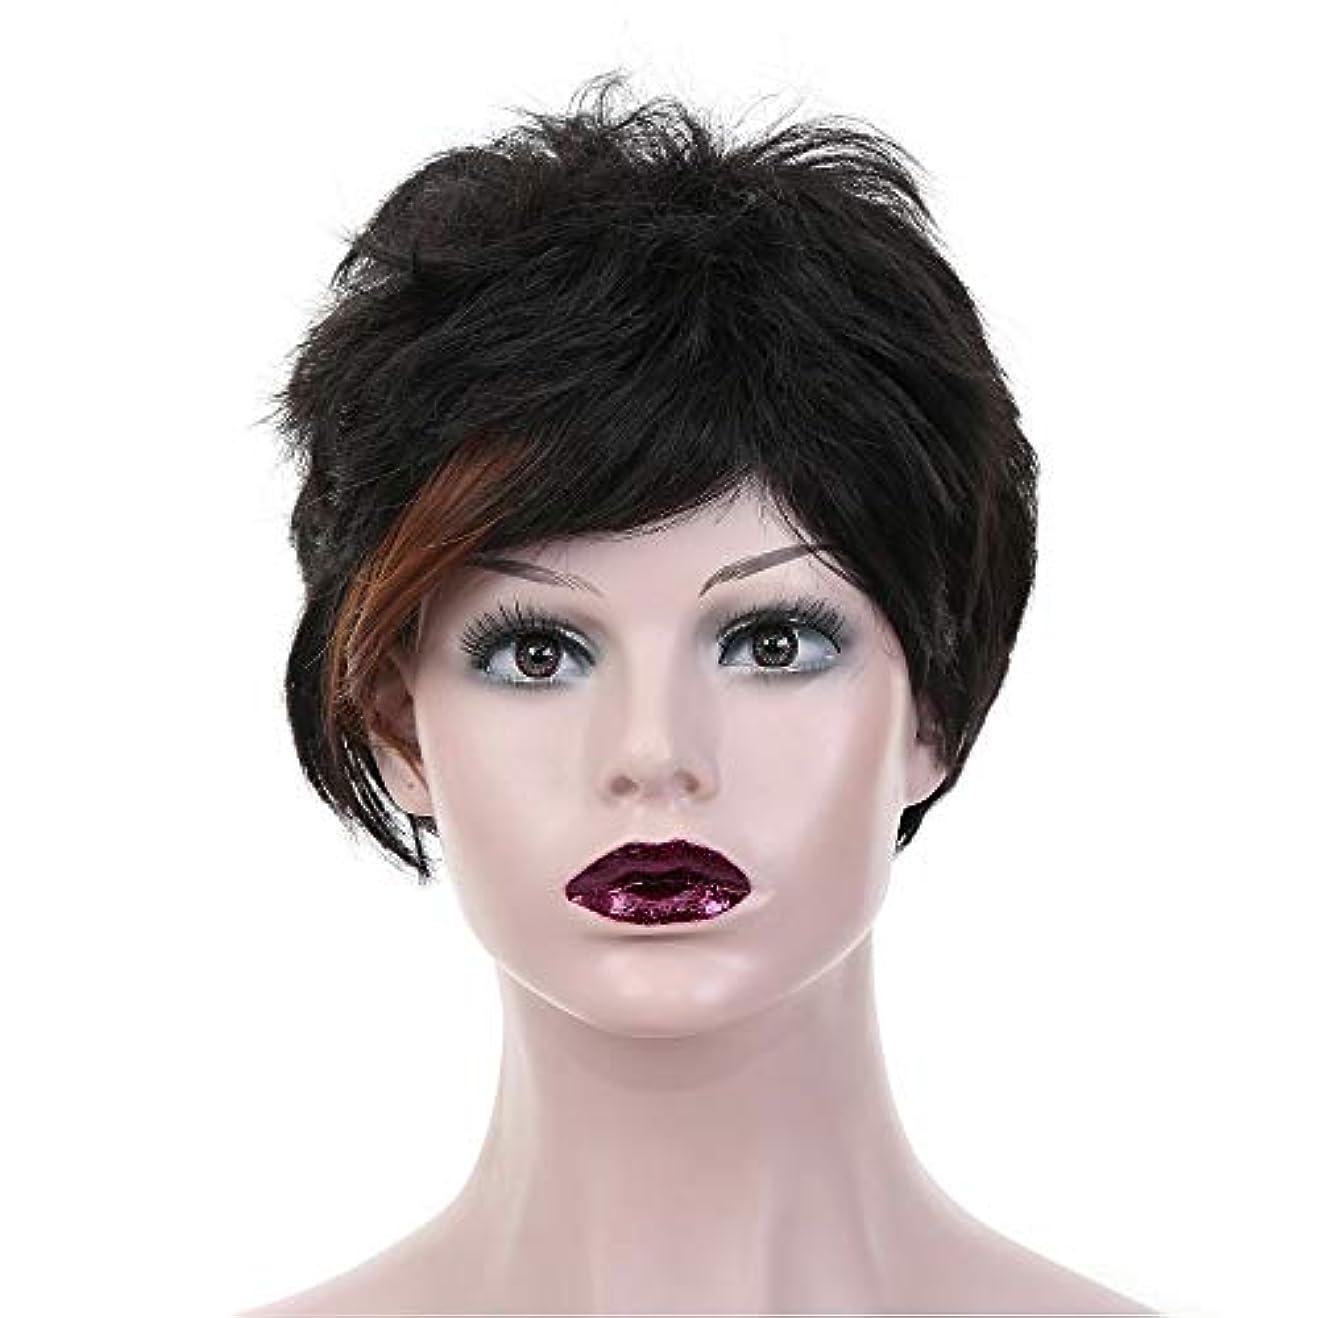 精査する顔料バルクYOUQIU 女性のボブ?ショートウィッグブラックカラーHightlightsブラウン熱Cospalyパーティーヘアウィッグのかつらをレジスト (色 : 黒)